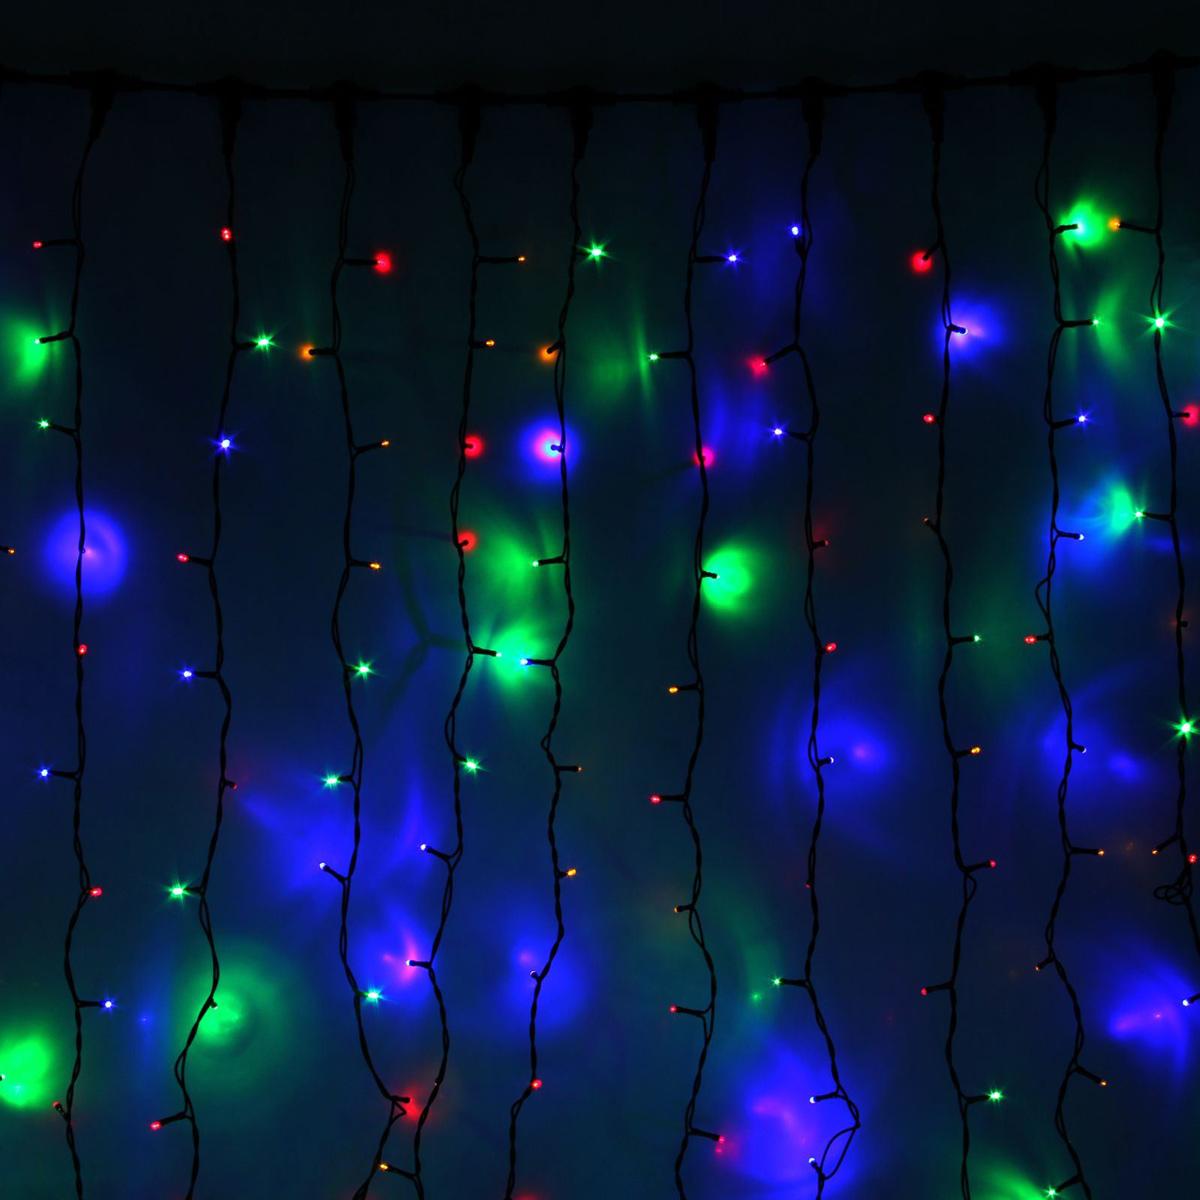 Гирлянда светодиодная Luazon Занавес, цвет: мультиколор, уличная, 760 ламп, 220 V, 2 х 3 м. 10802321080451Гирлянда светодиодная Luazon Занавес - это отличный вариант для новогоднего оформления интерьера или фасада. С ее помощью помещение любого размера можно превратить в праздничный зал, а внешние элементы зданий, украшенные гирляндой, мгновенно станут напоминать очертания сказочного дворца. Такое украшение создаст ауру предвкушения чуда. Деревья, фасады, витрины, окна и арки будто специально созданы, чтобы вы украсили их светящимися нитями.